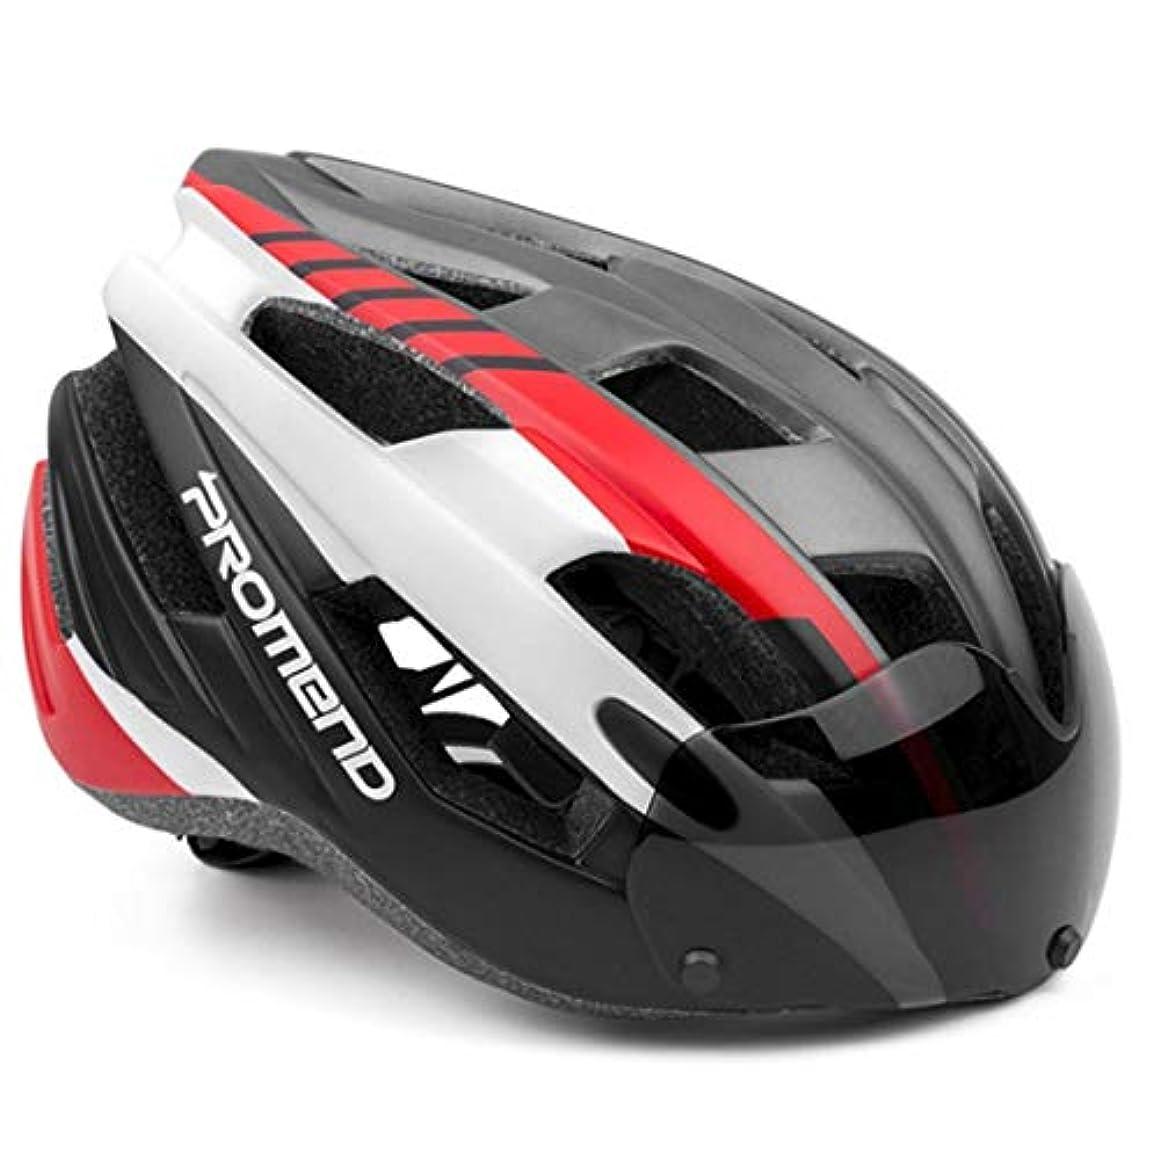 政治家のファンタジー波CAFUTY ウインドゴーグル、ヘルメットマウントメガネ付きマウンテンバイク、自転車ロードライディング機器 (Color : レッド)